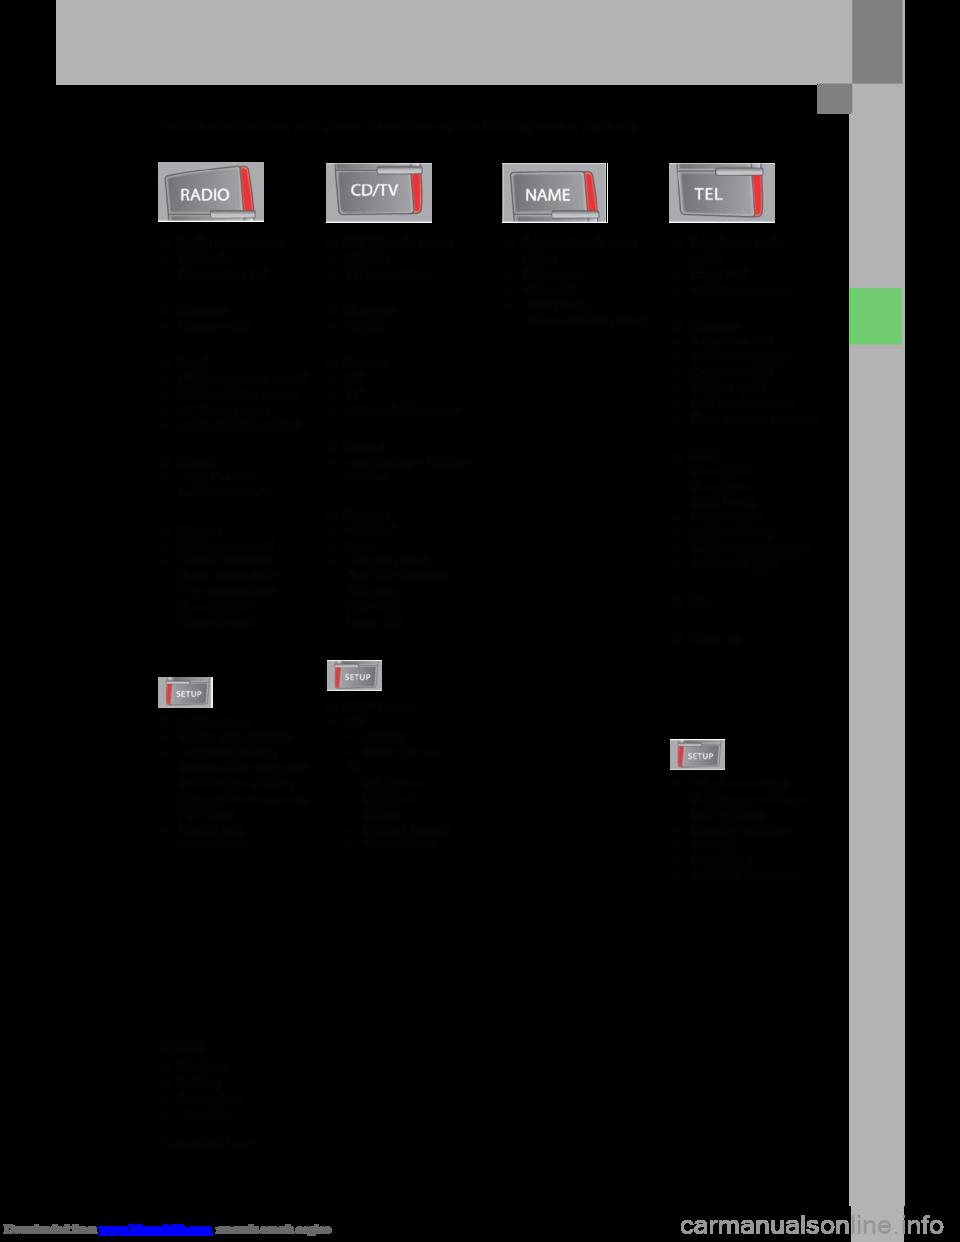 audi a6 mmi manual pdf